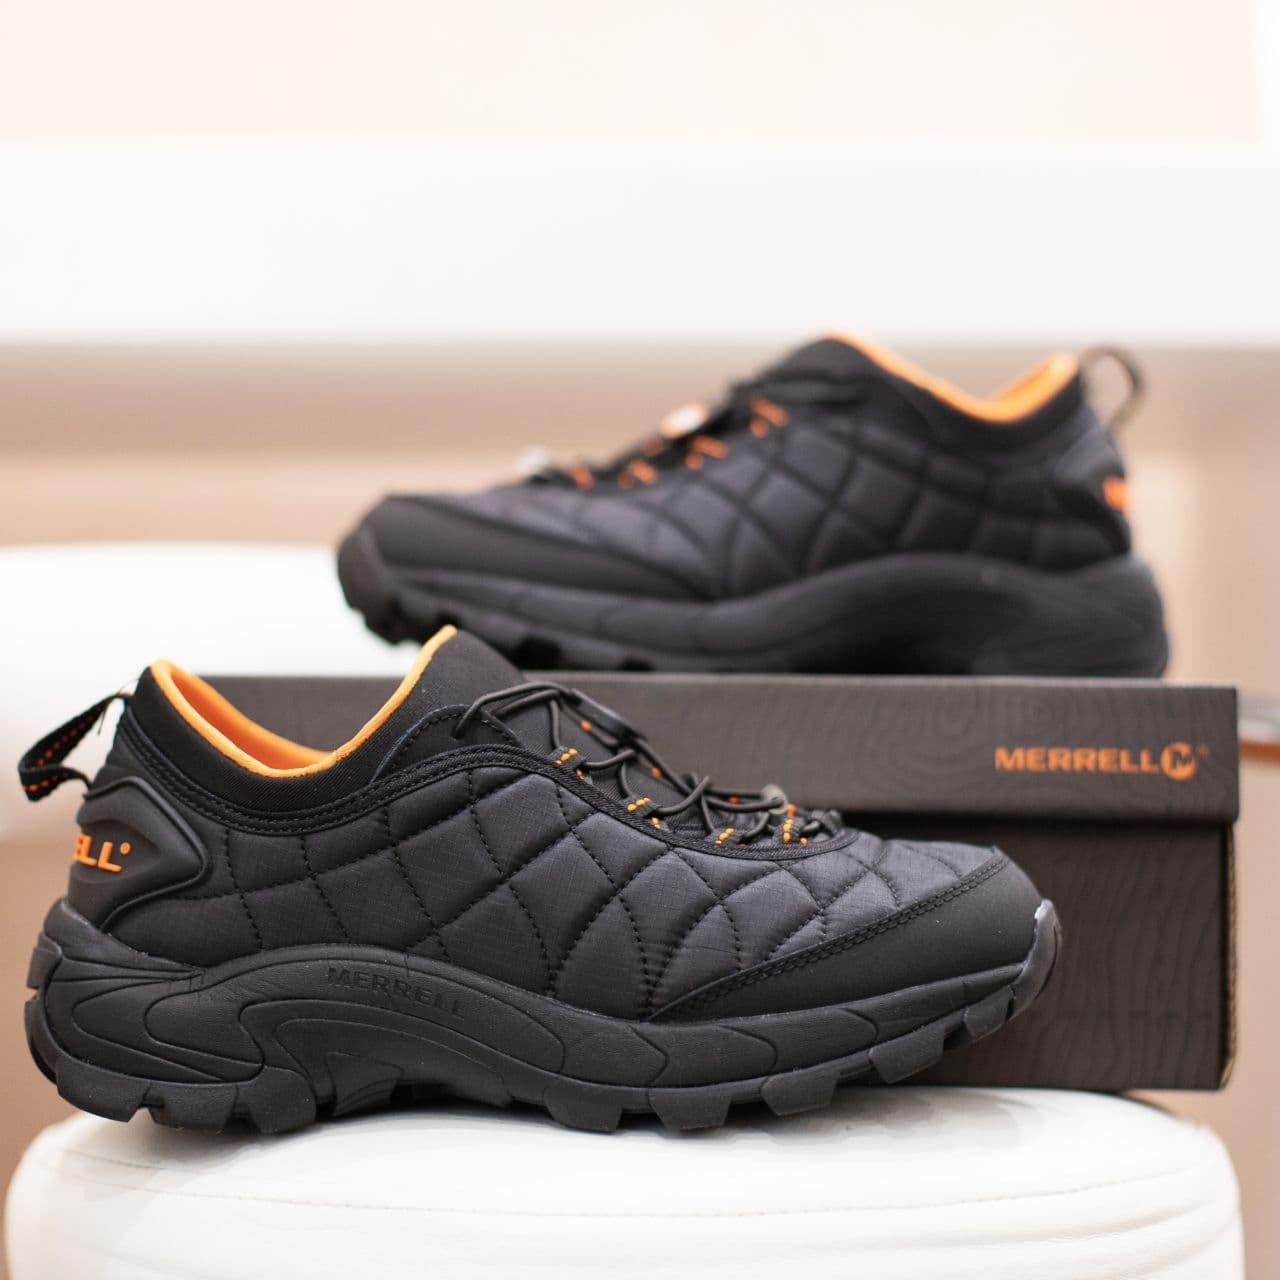 Мужские кроссовки Merrell Vibram Black Orange / Мэррелл Вибрам Чернные Оранжевые Термо